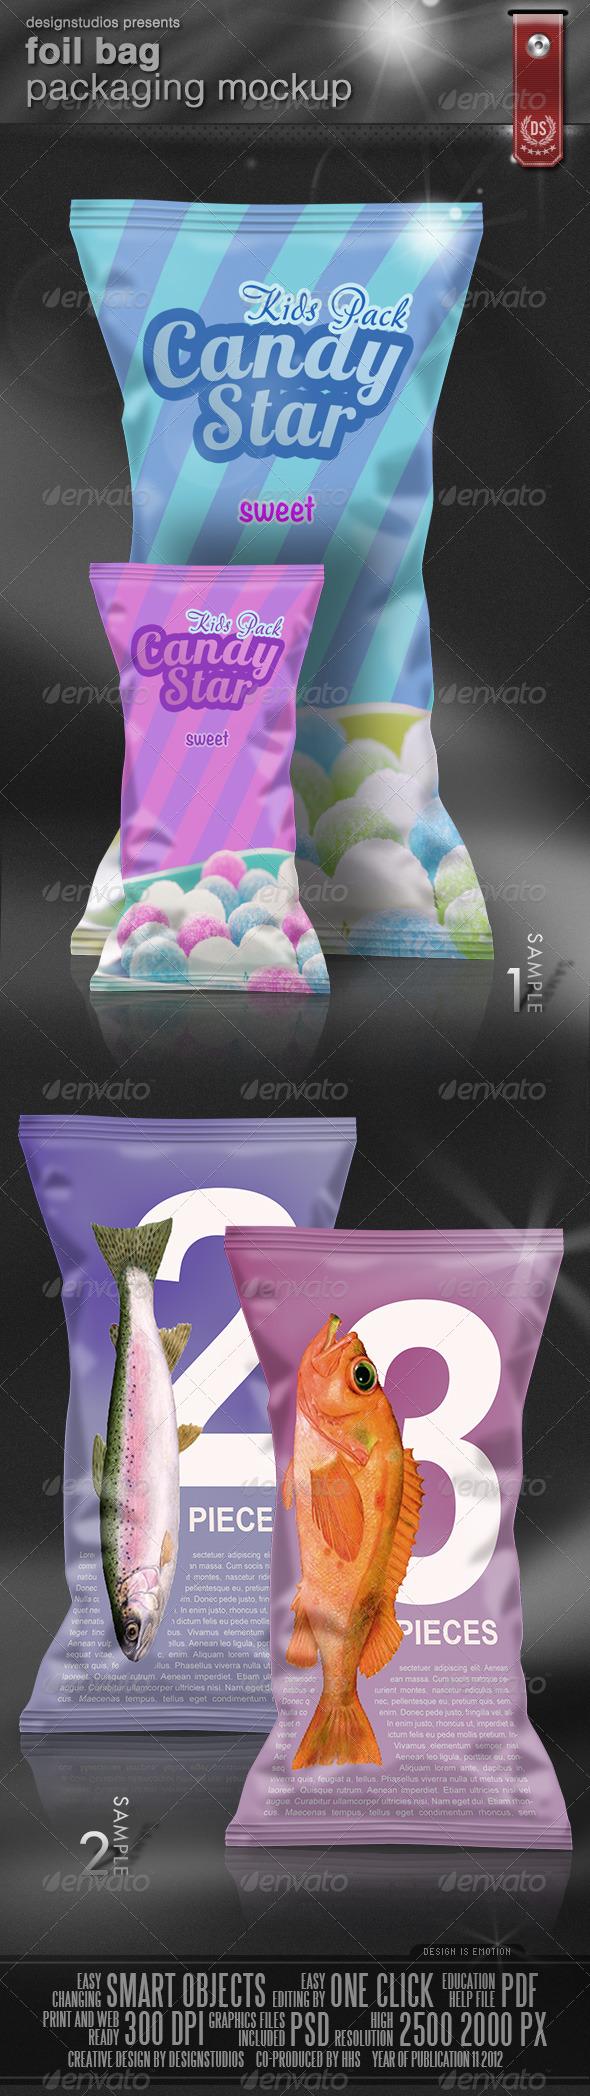 GraphicRiver Foil Bag Packaging Mock-Up 3471397